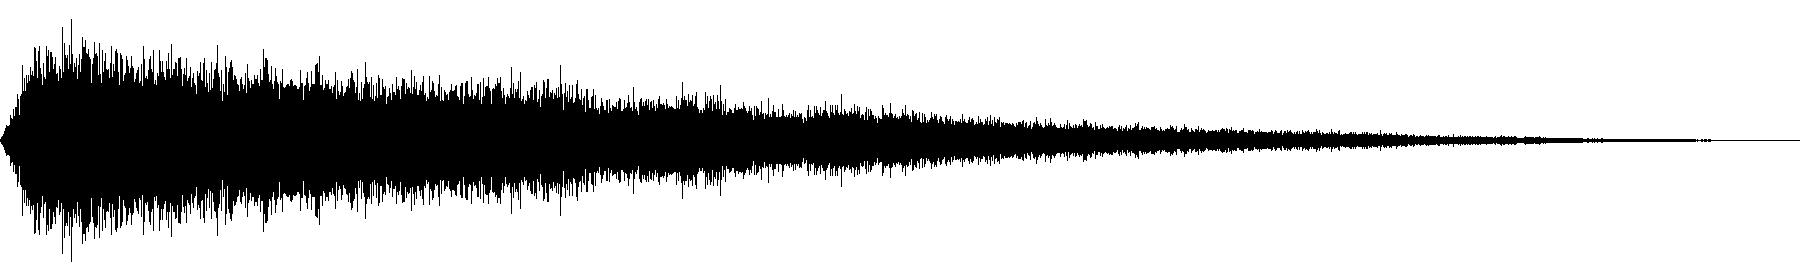 vfx1 atmos 07